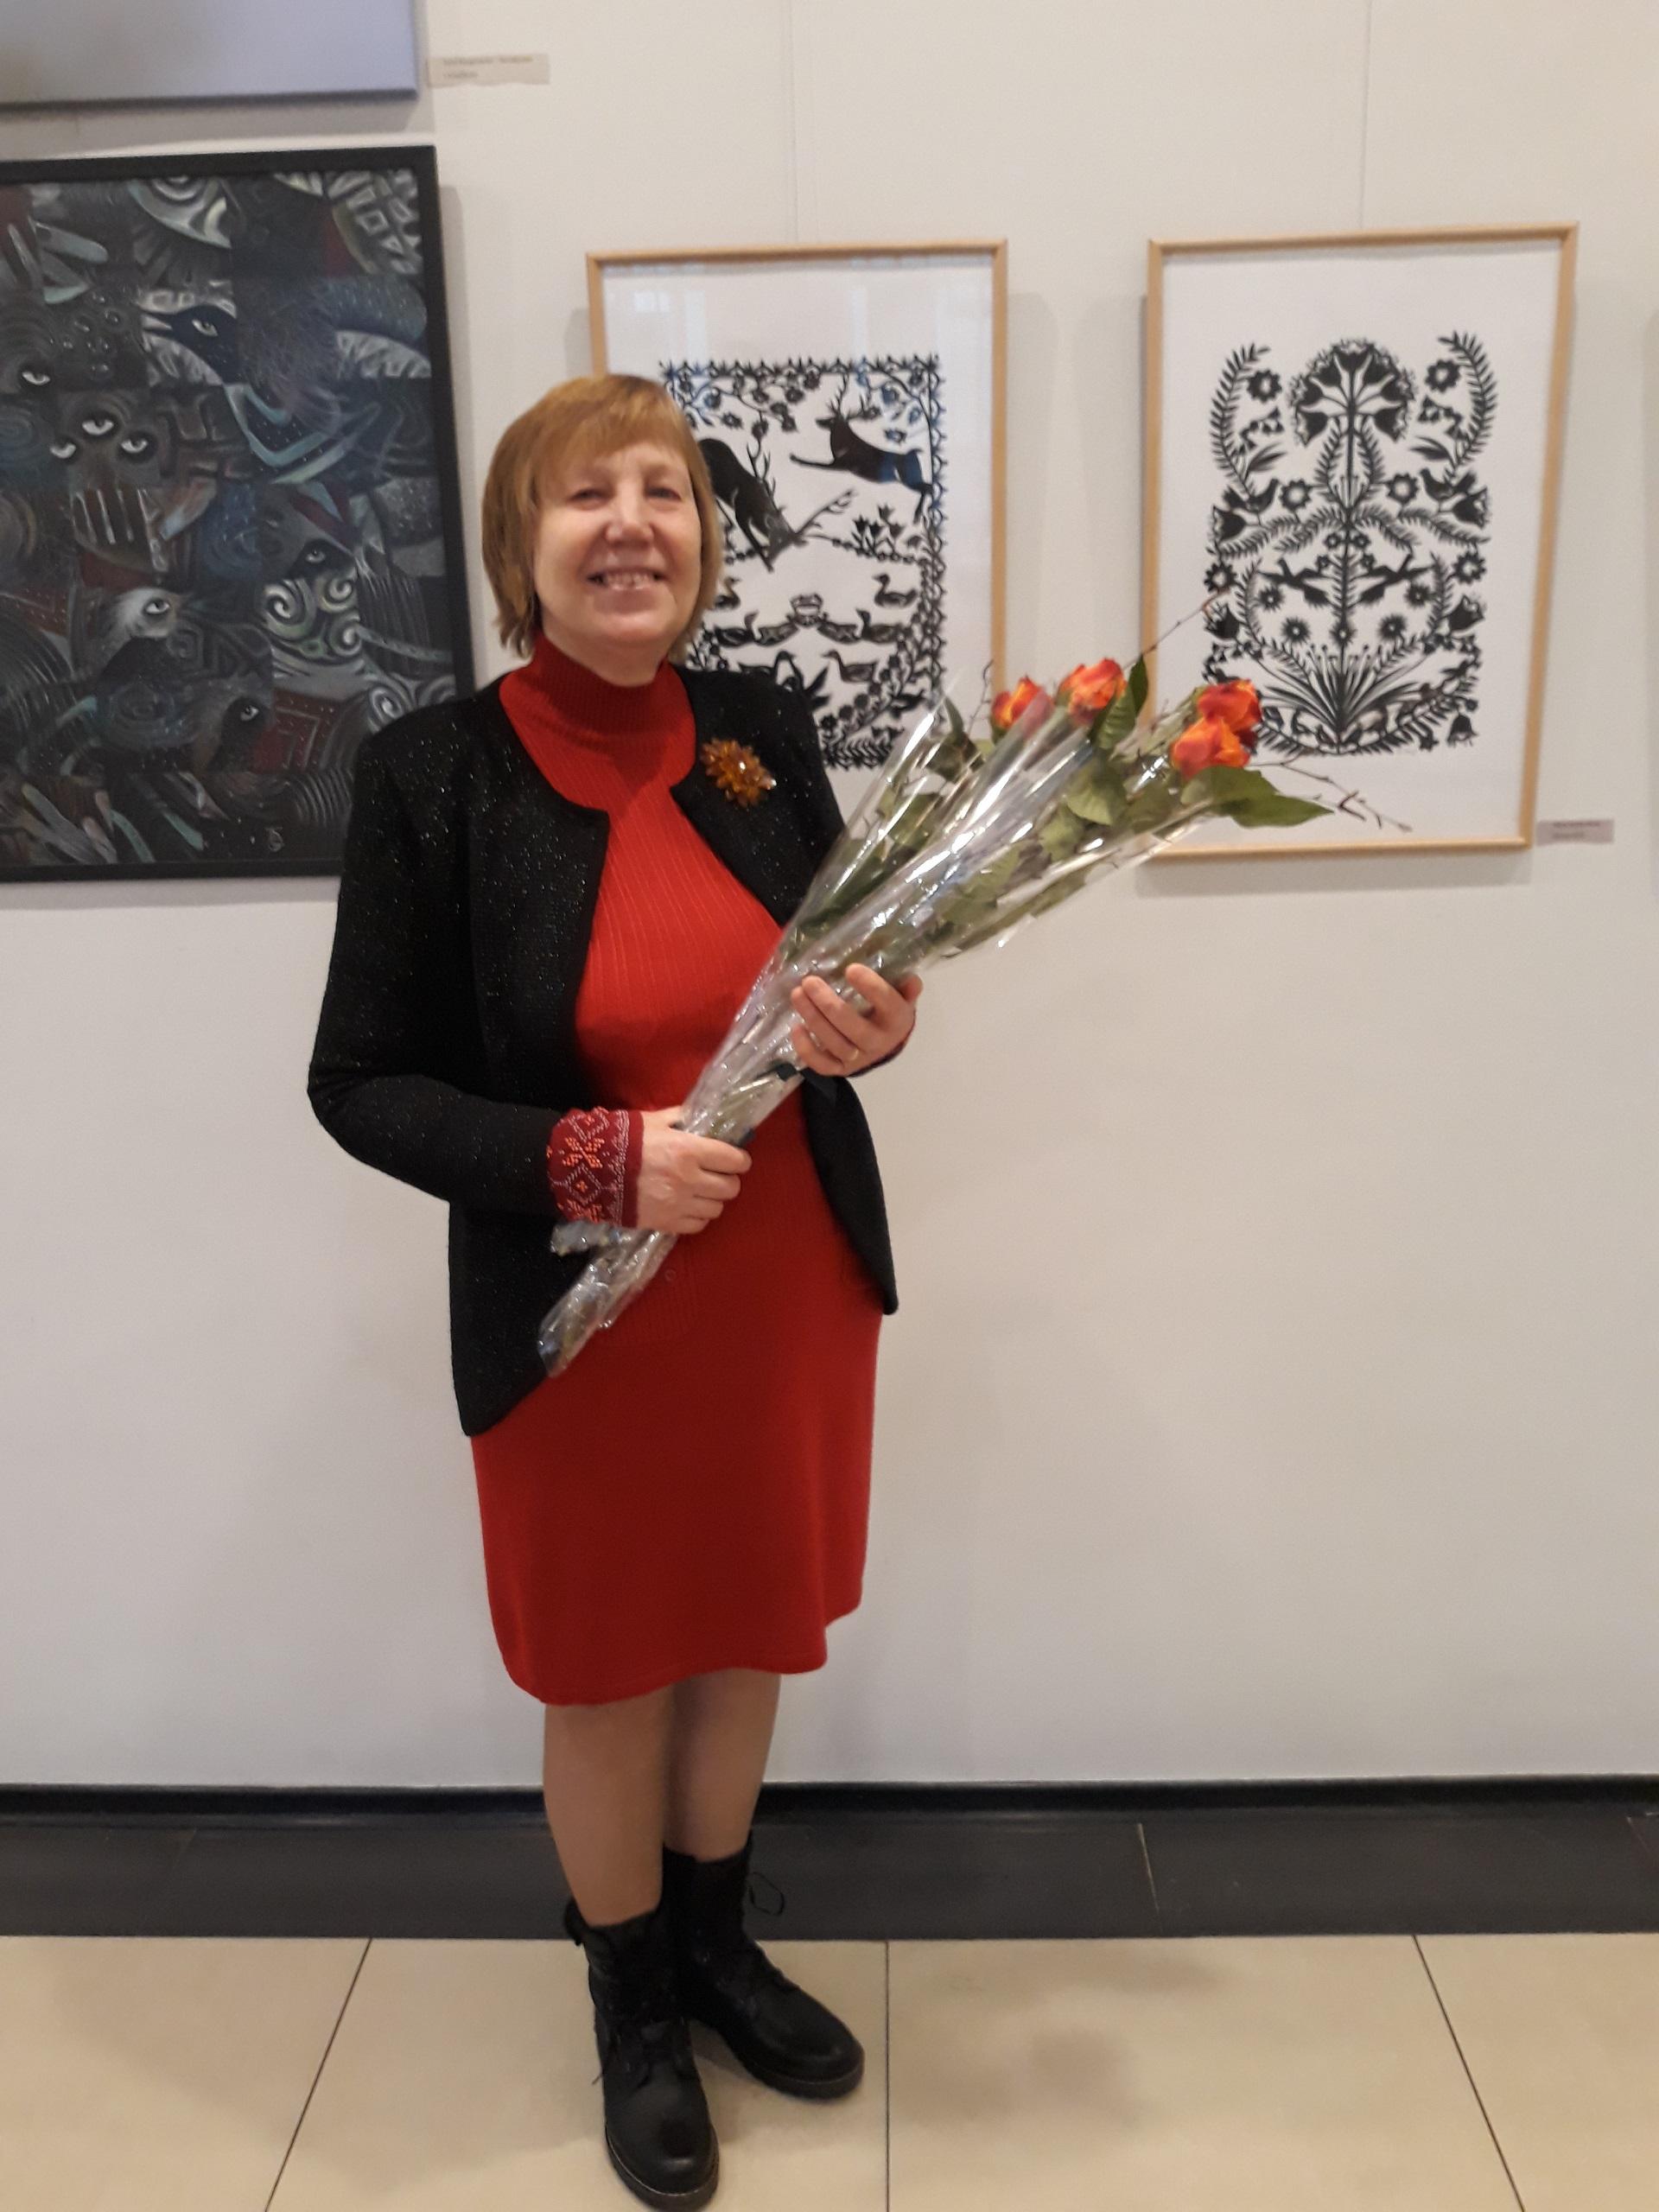 """Albina Mackevičienė: """"Per metus yra suorganizuojami bent du respublikinio masto karpytojų plenerai, kur suvažiuojame žymiausios Lietuvos karpytojos, nors aš savęs žymiausia nelaikau."""" Asmeninio albumo nuotr."""